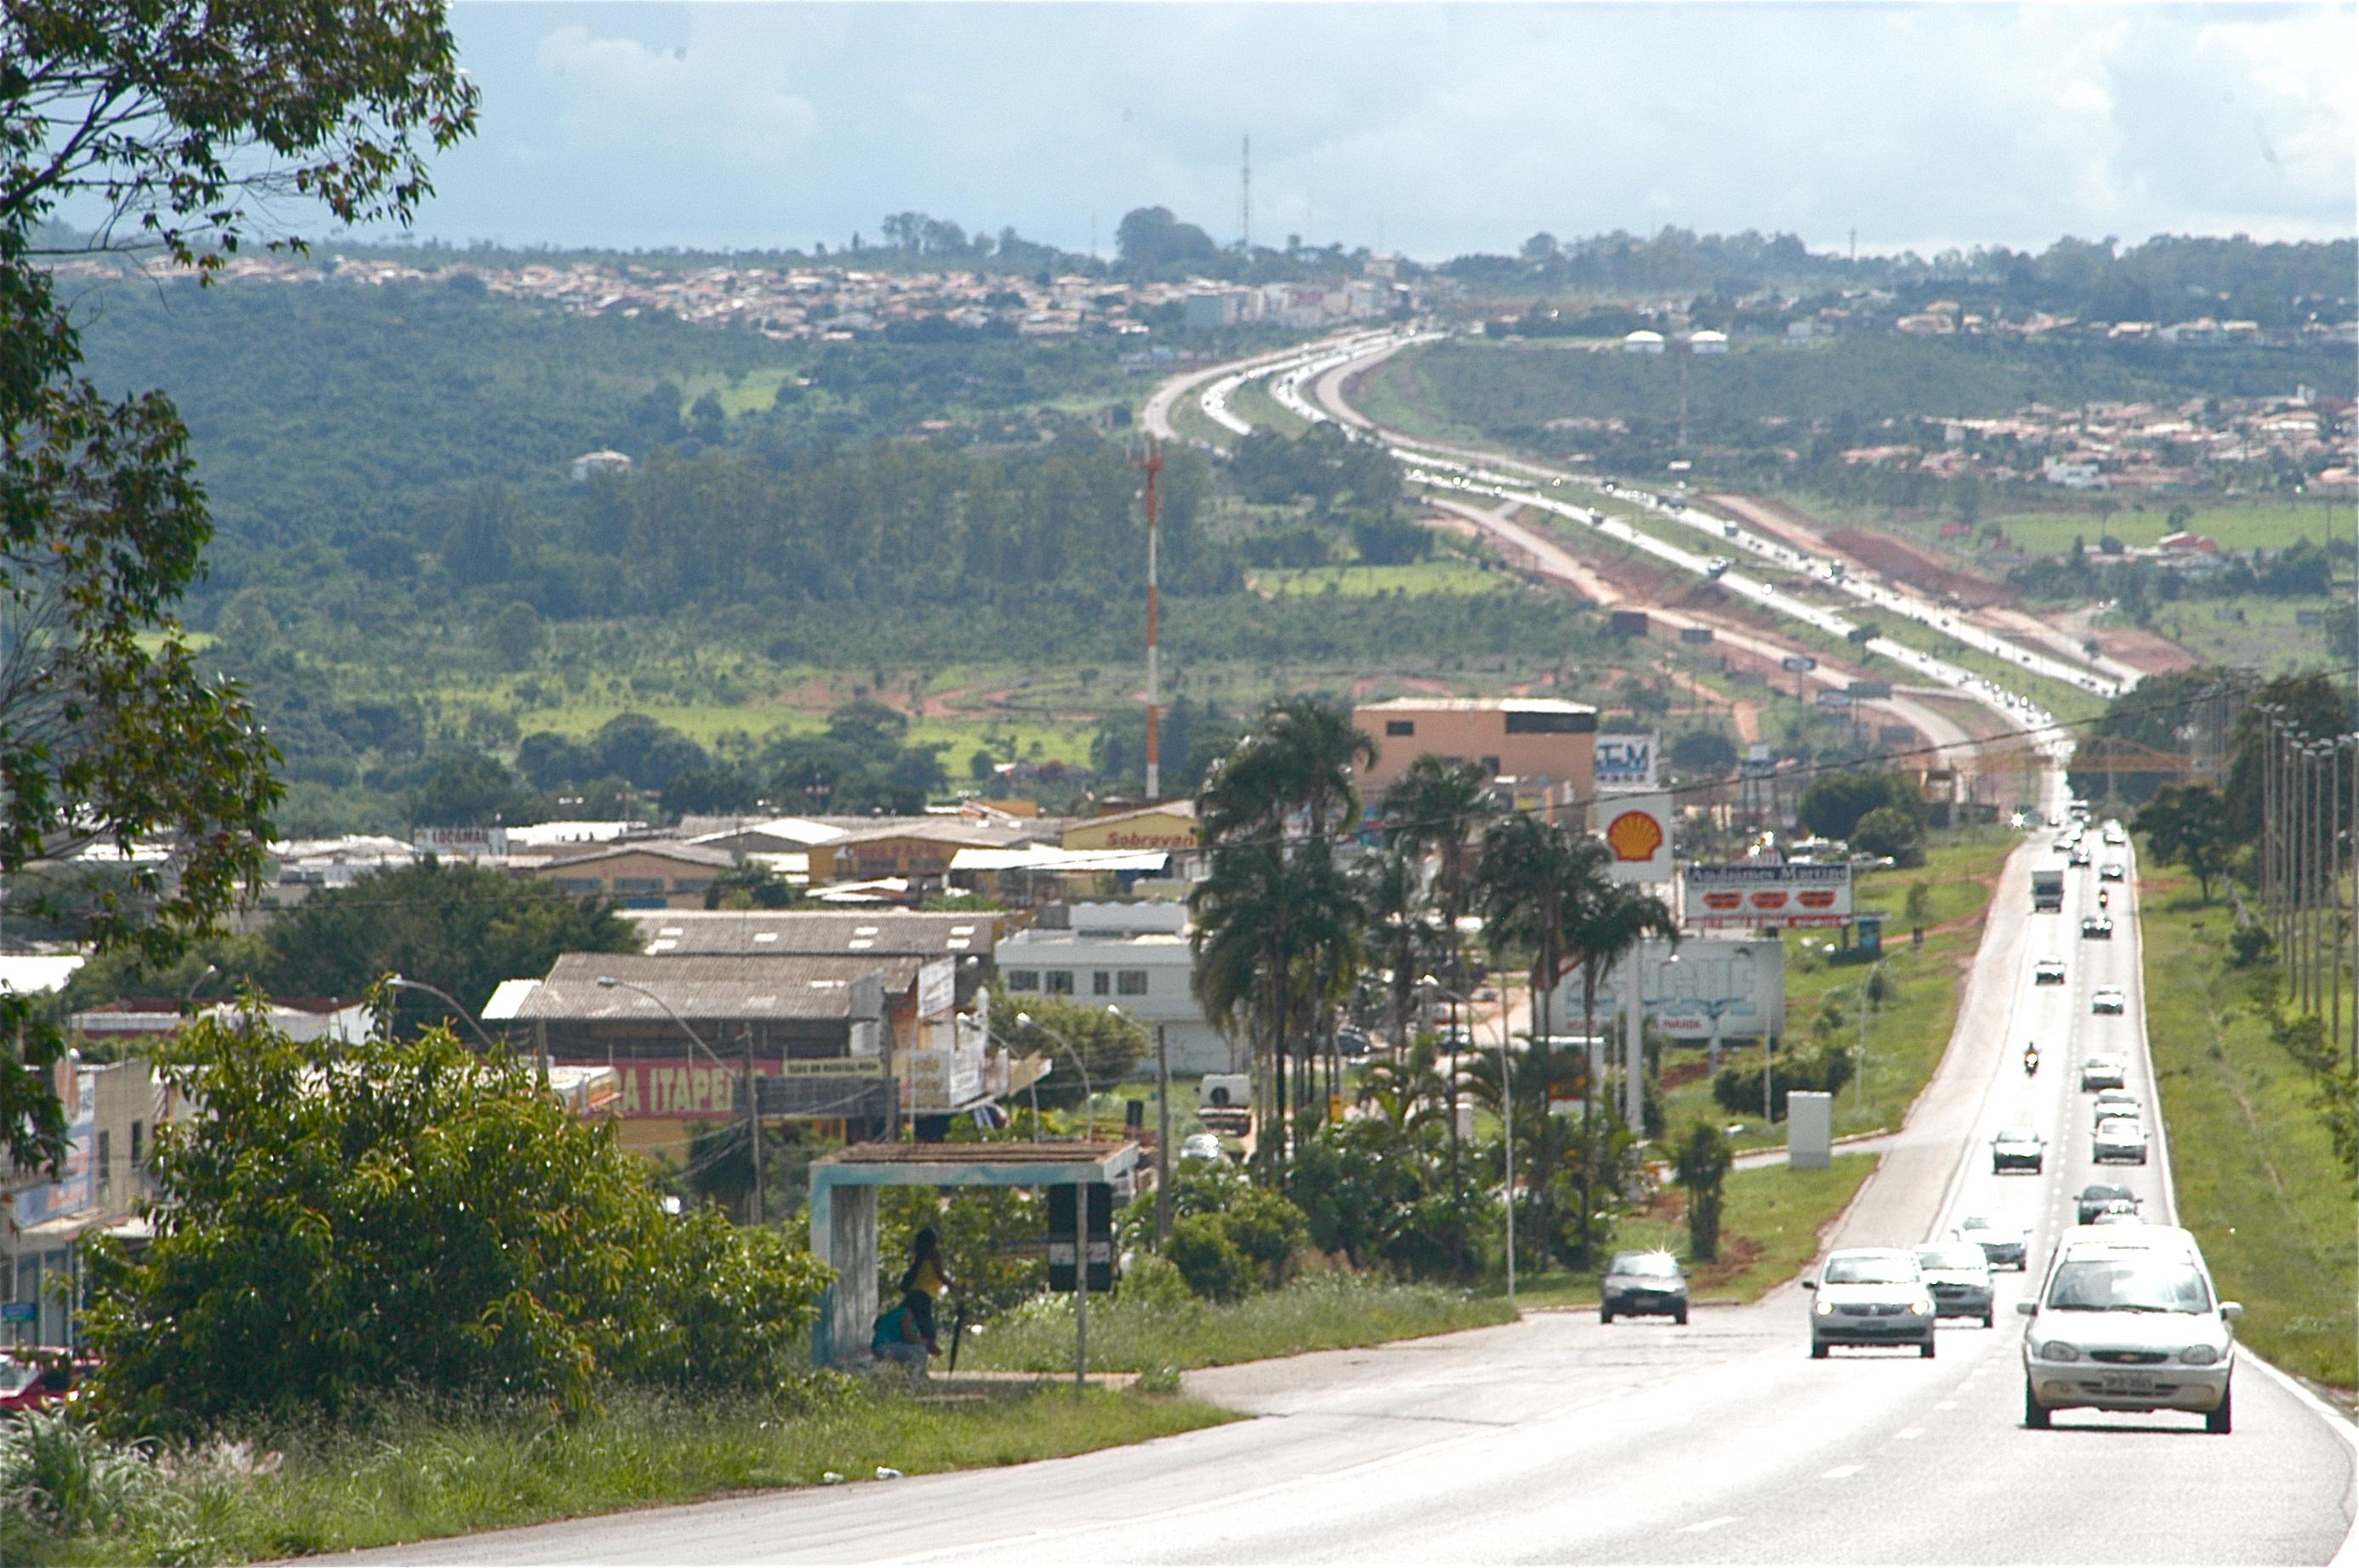 Ficheiro:BR020 sentido O-L em Sobradinho (DF).jpg – Wikipédia, a  enciclopédia livre